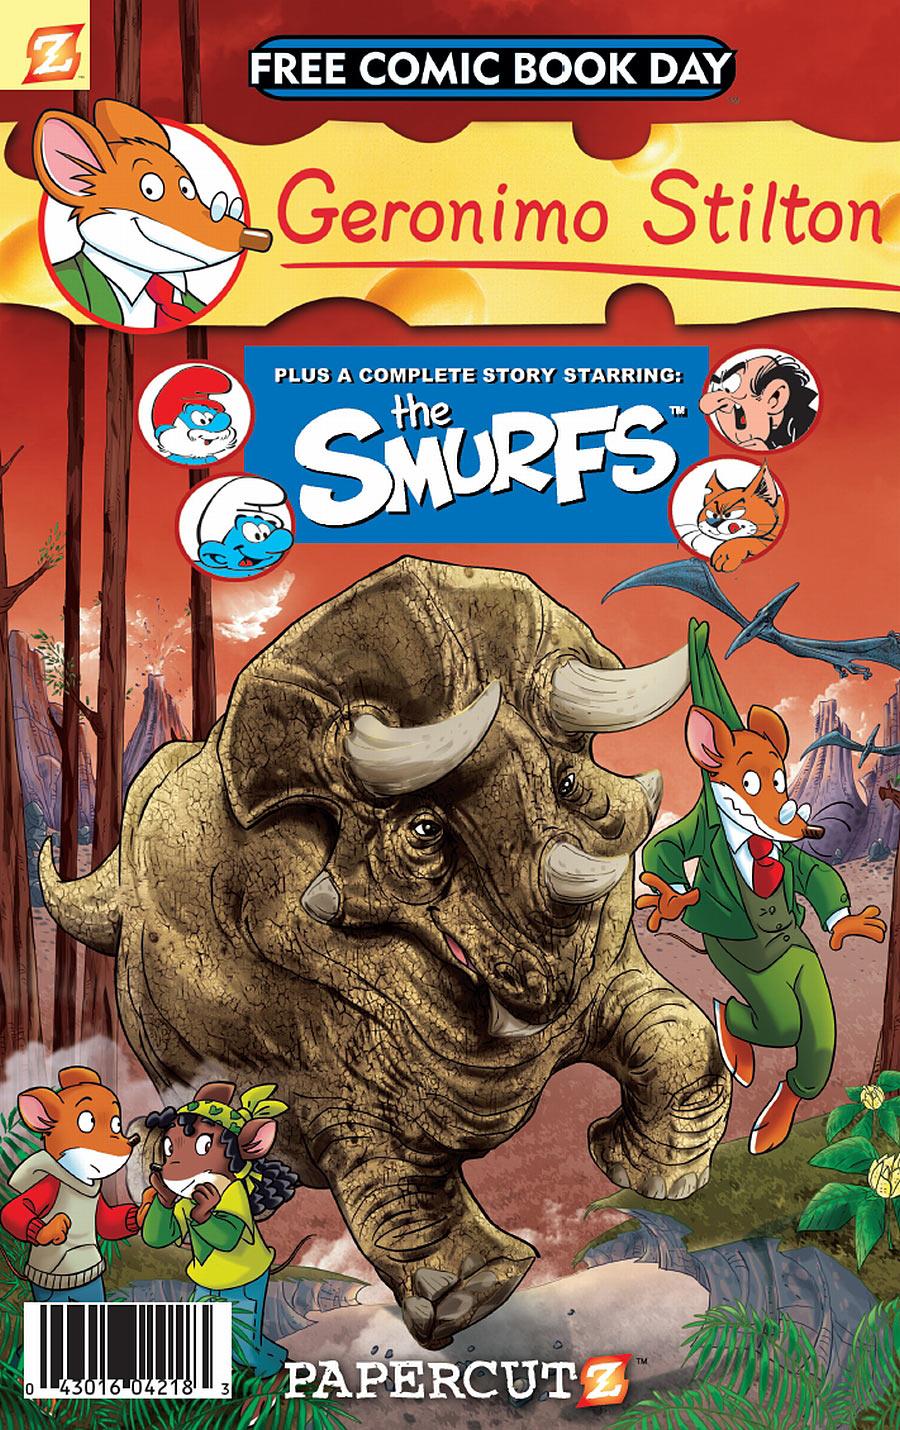 stilton_smurfs_fcbd Papercutz offers GERONIMO STILTON AND THE SMURFS for FCBD 2011